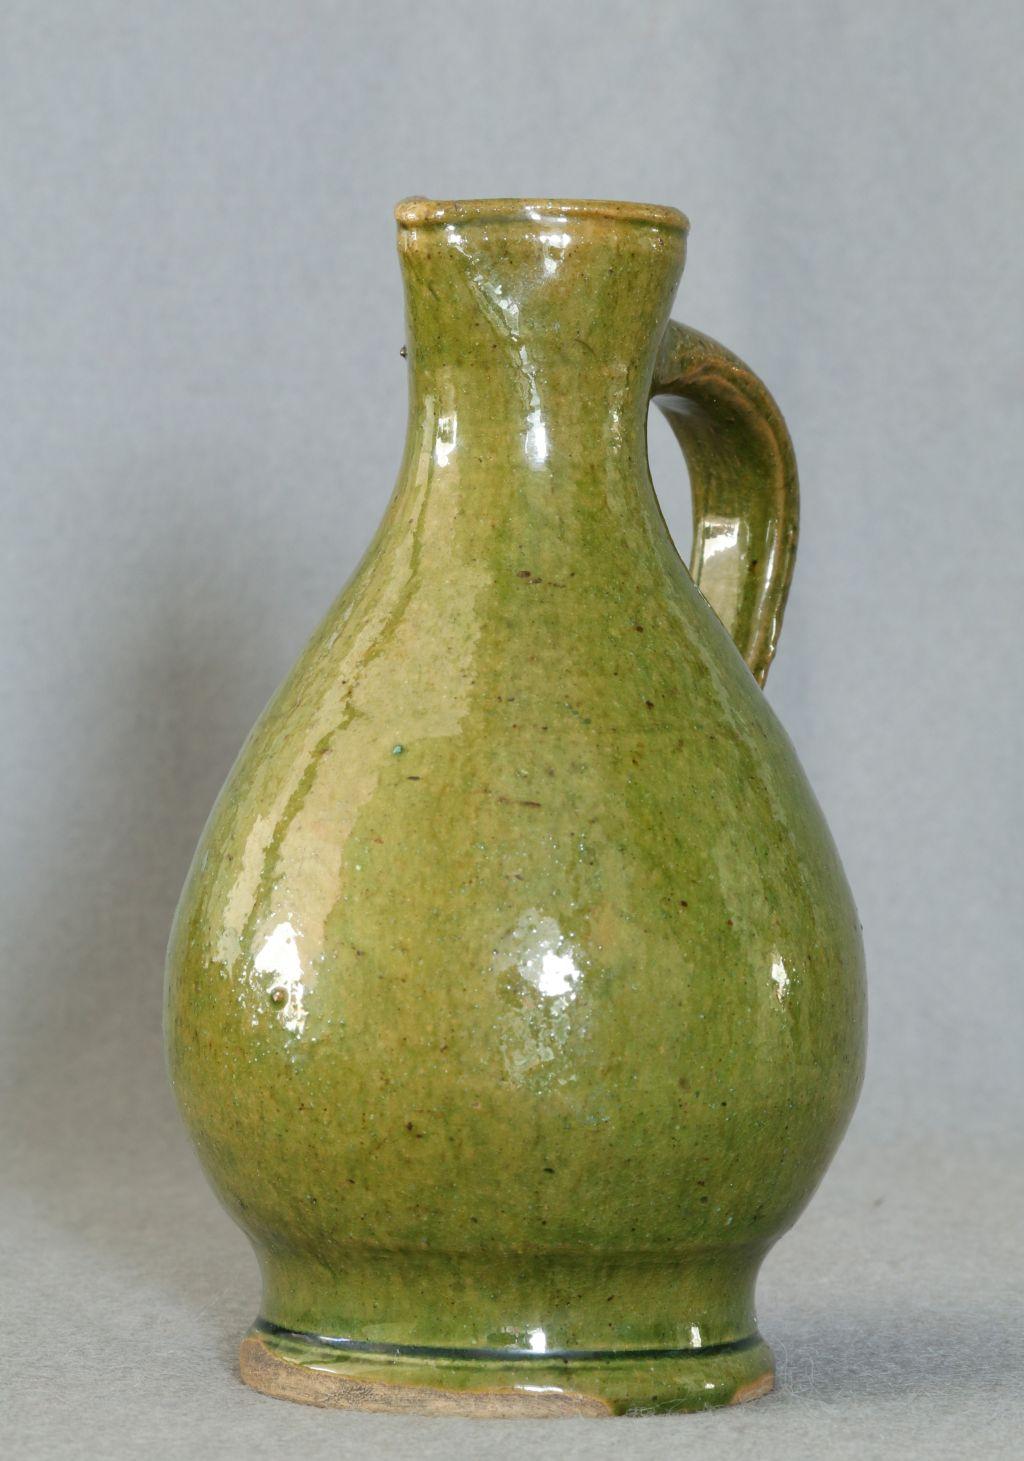 kleiner-hafner-krug-kröning-um-1820